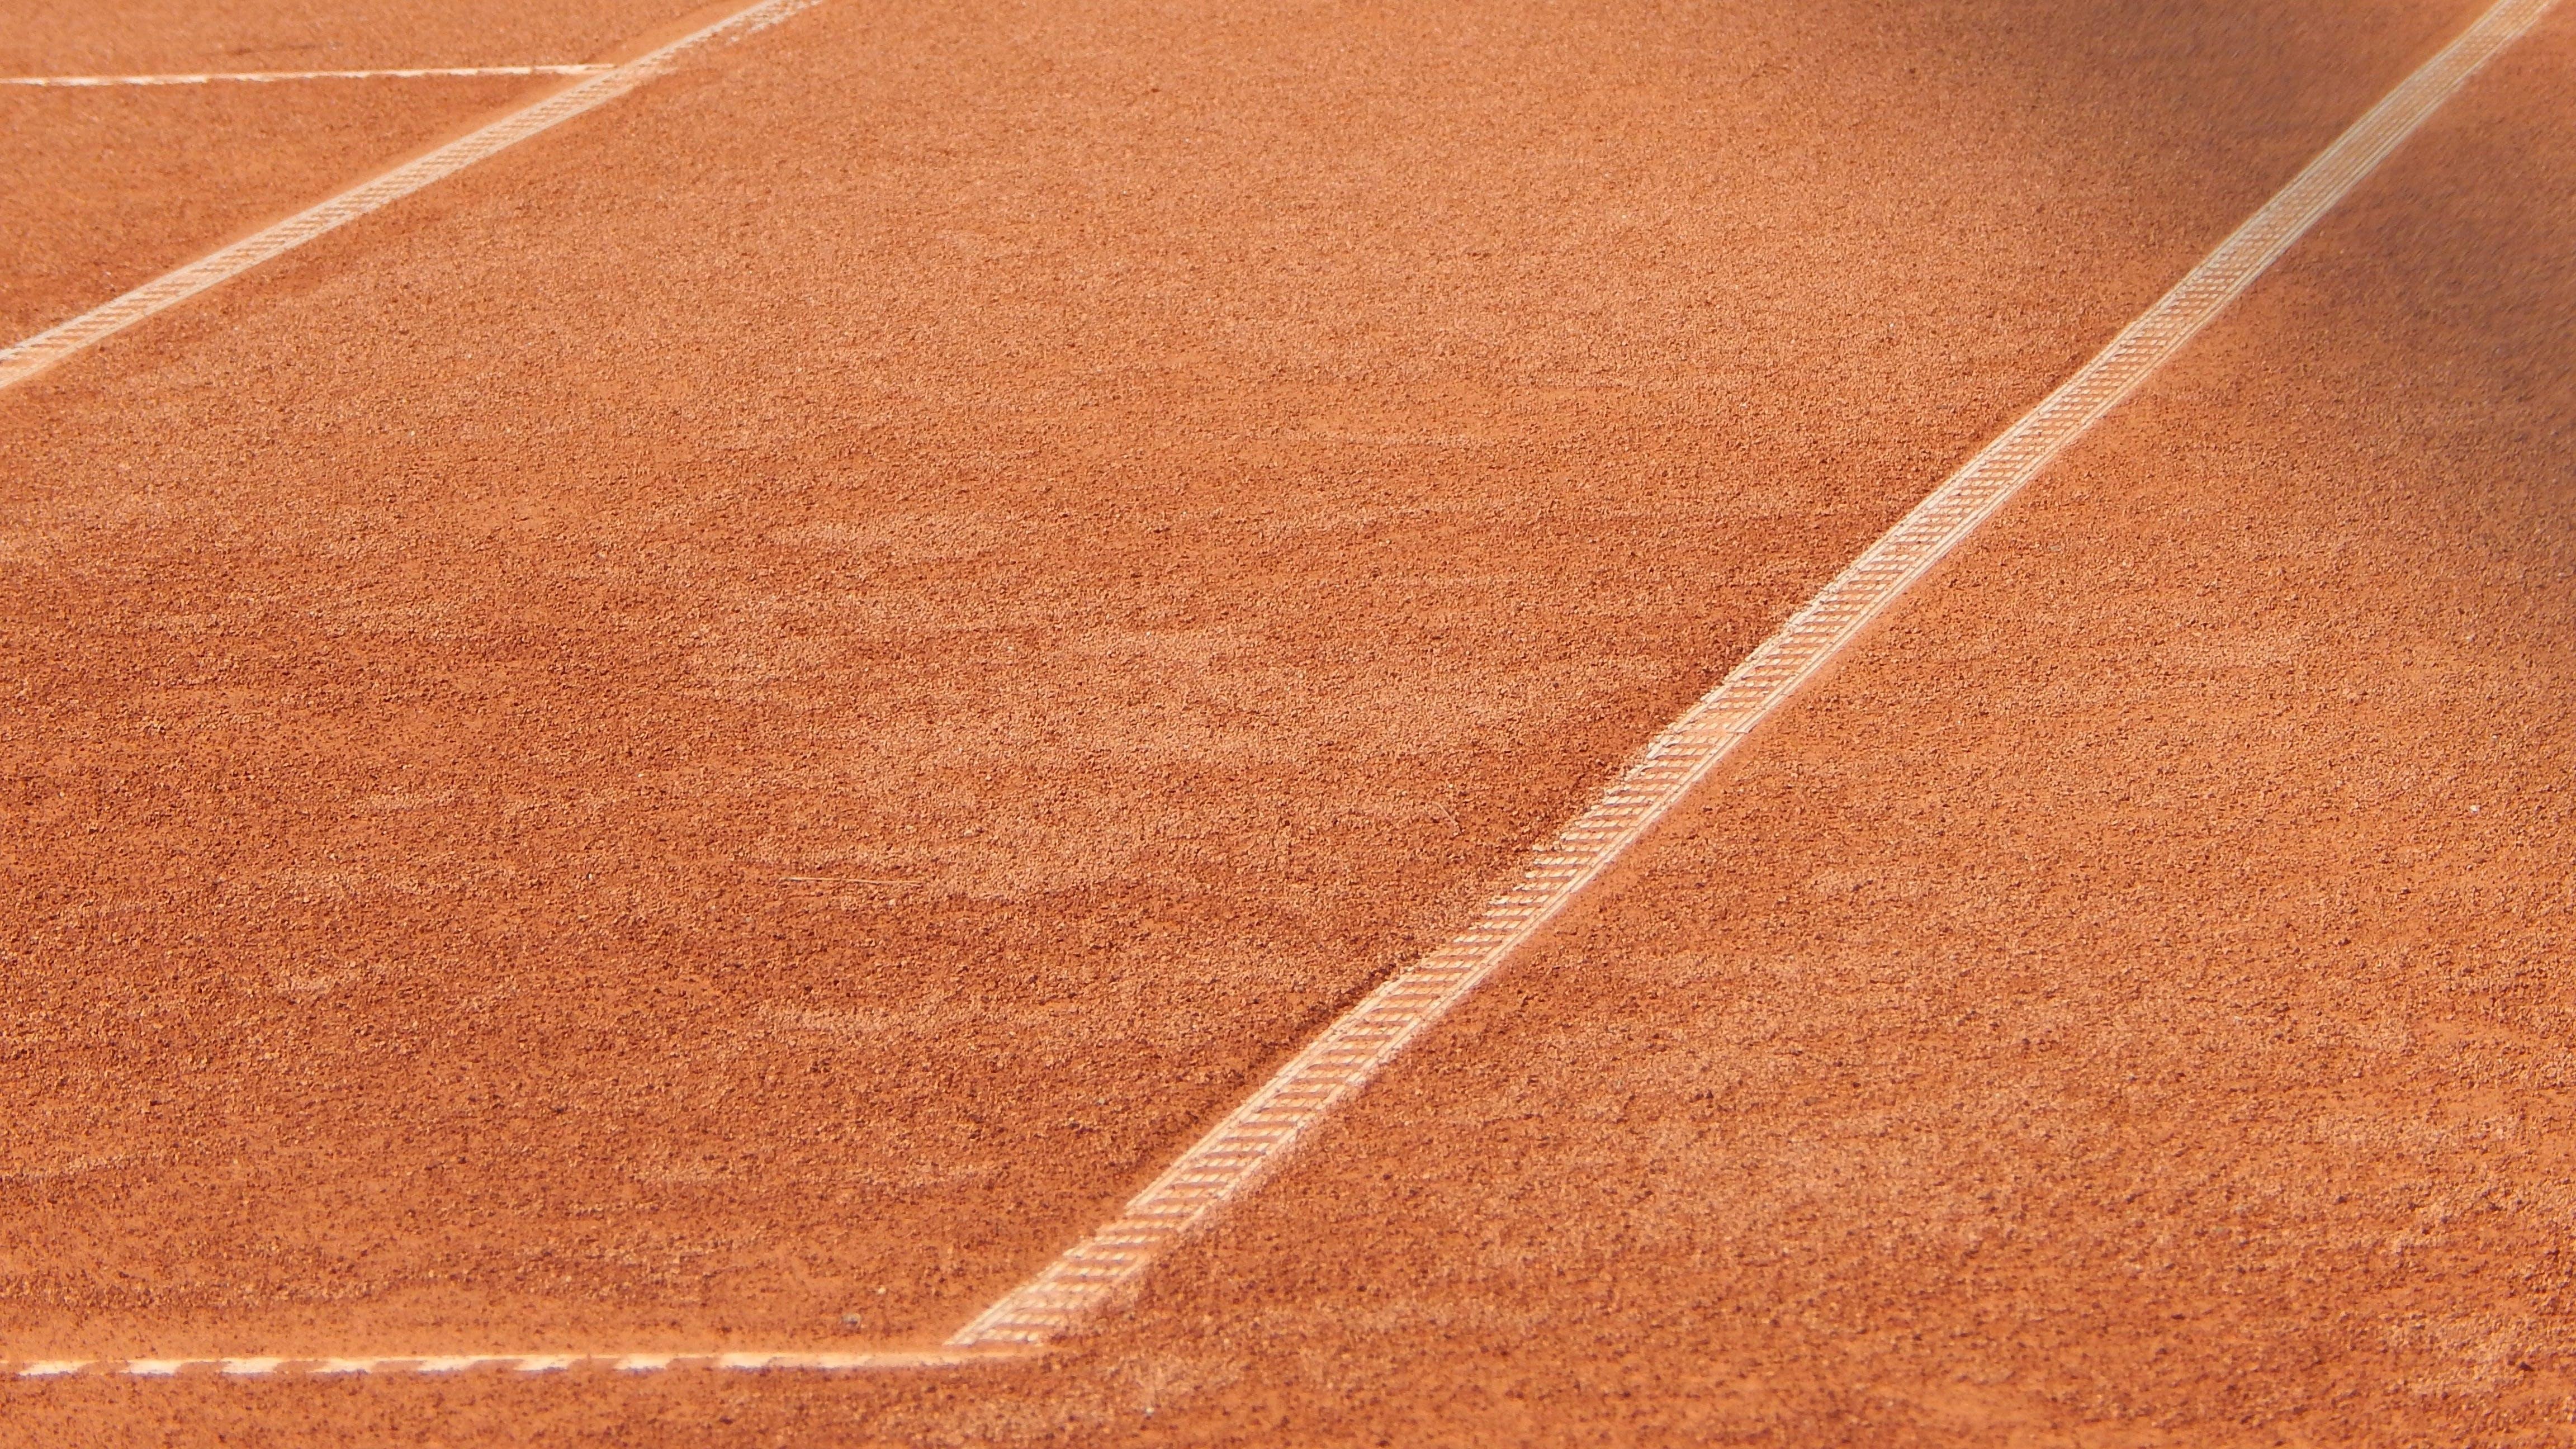 Brown Field